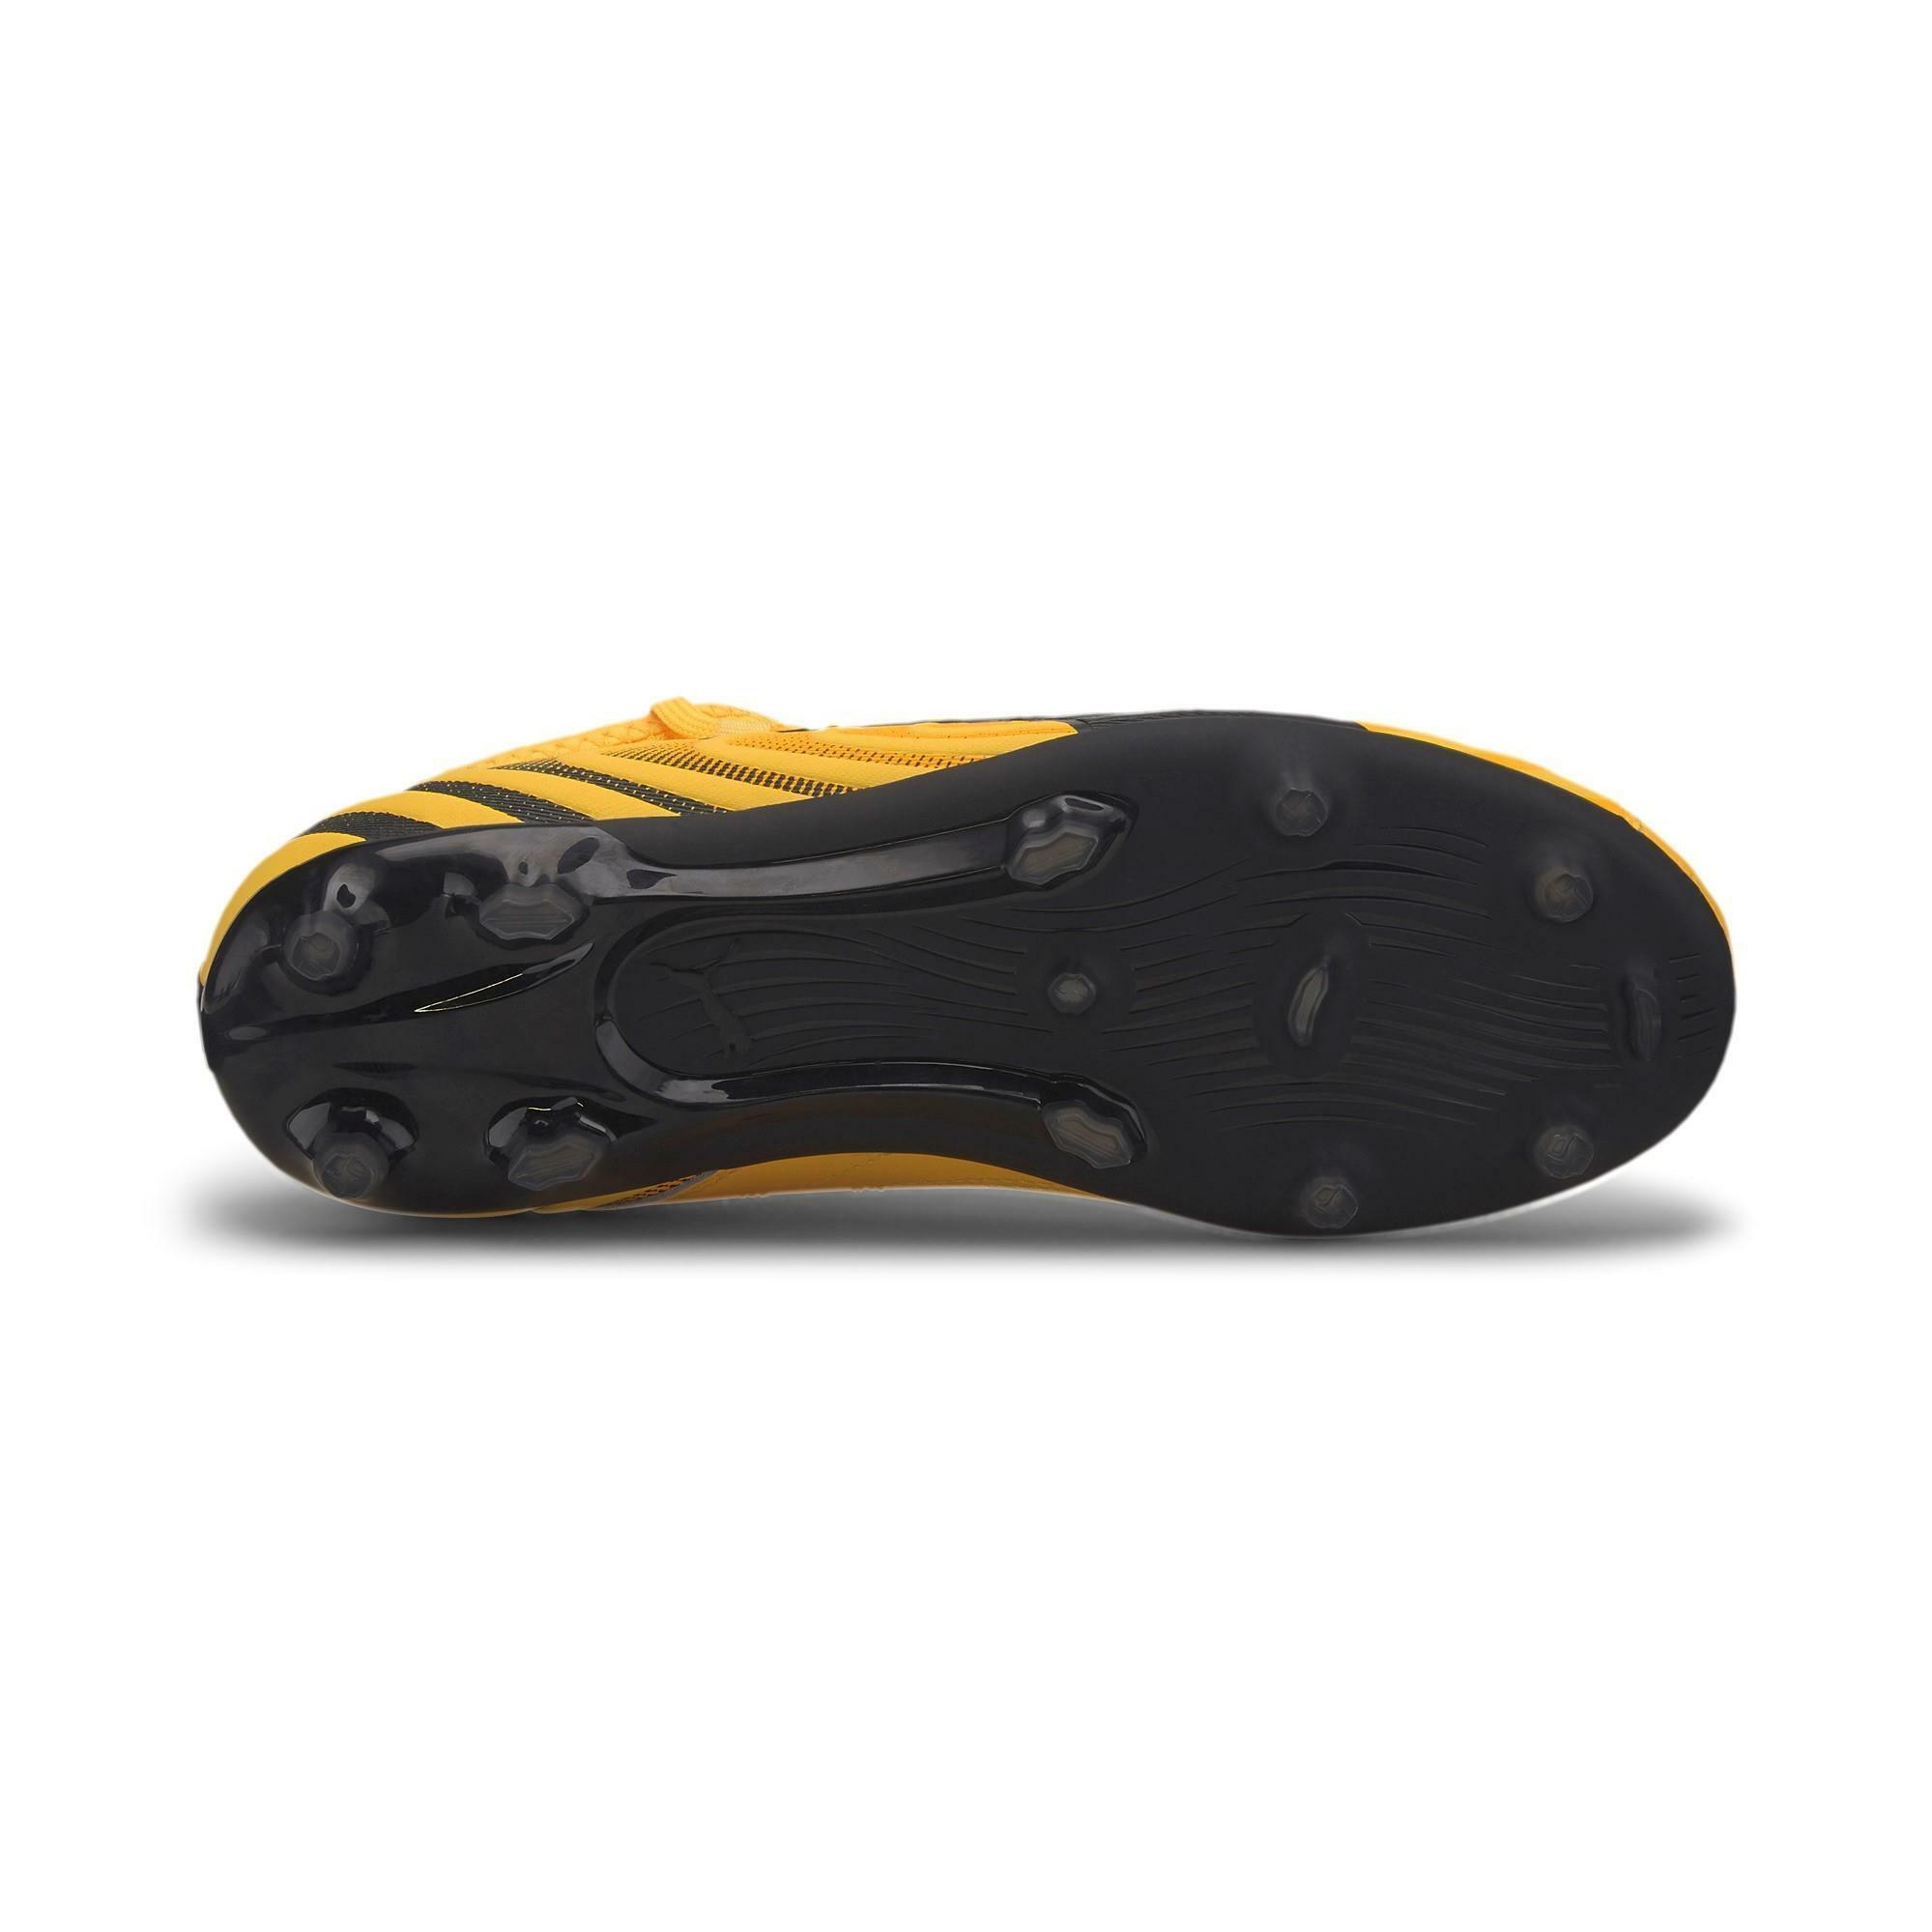 puma puma scarpa calcio bambino one 20.3 fg/ag